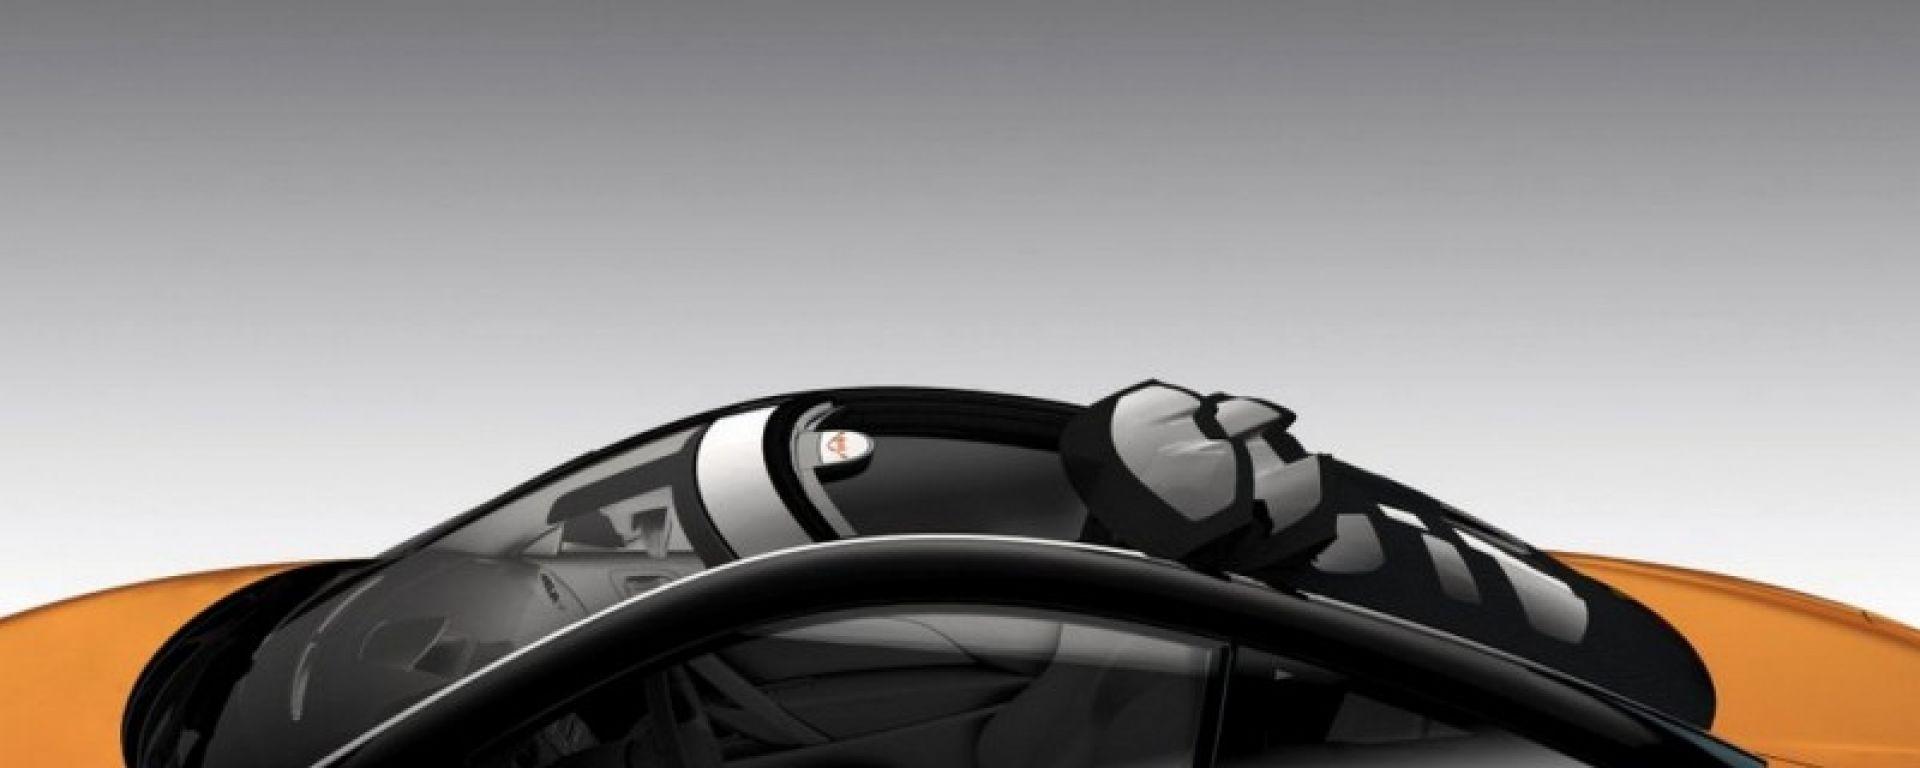 Peugeot RCZ Magna Steyr View Top